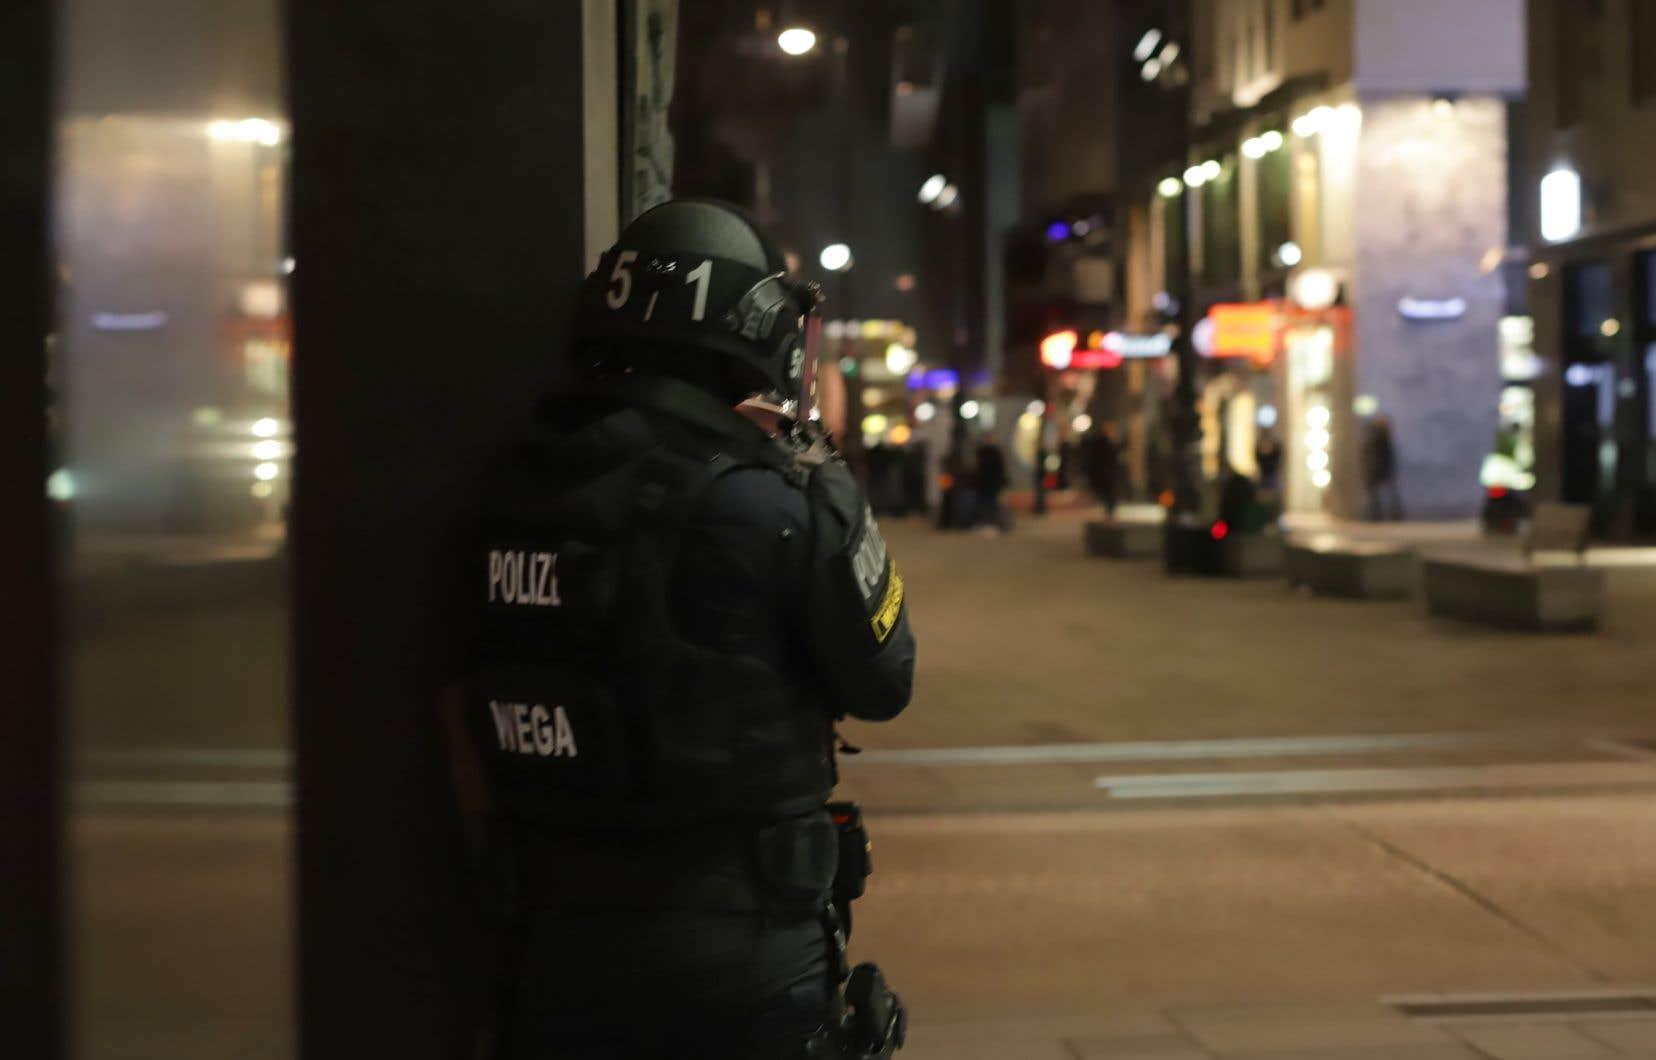 Plusieurs coups de feu ont été tirés lundi soir dans le centre de Vienne, selon la police, des médias locaux évoquant une attaque contre une synagogue.